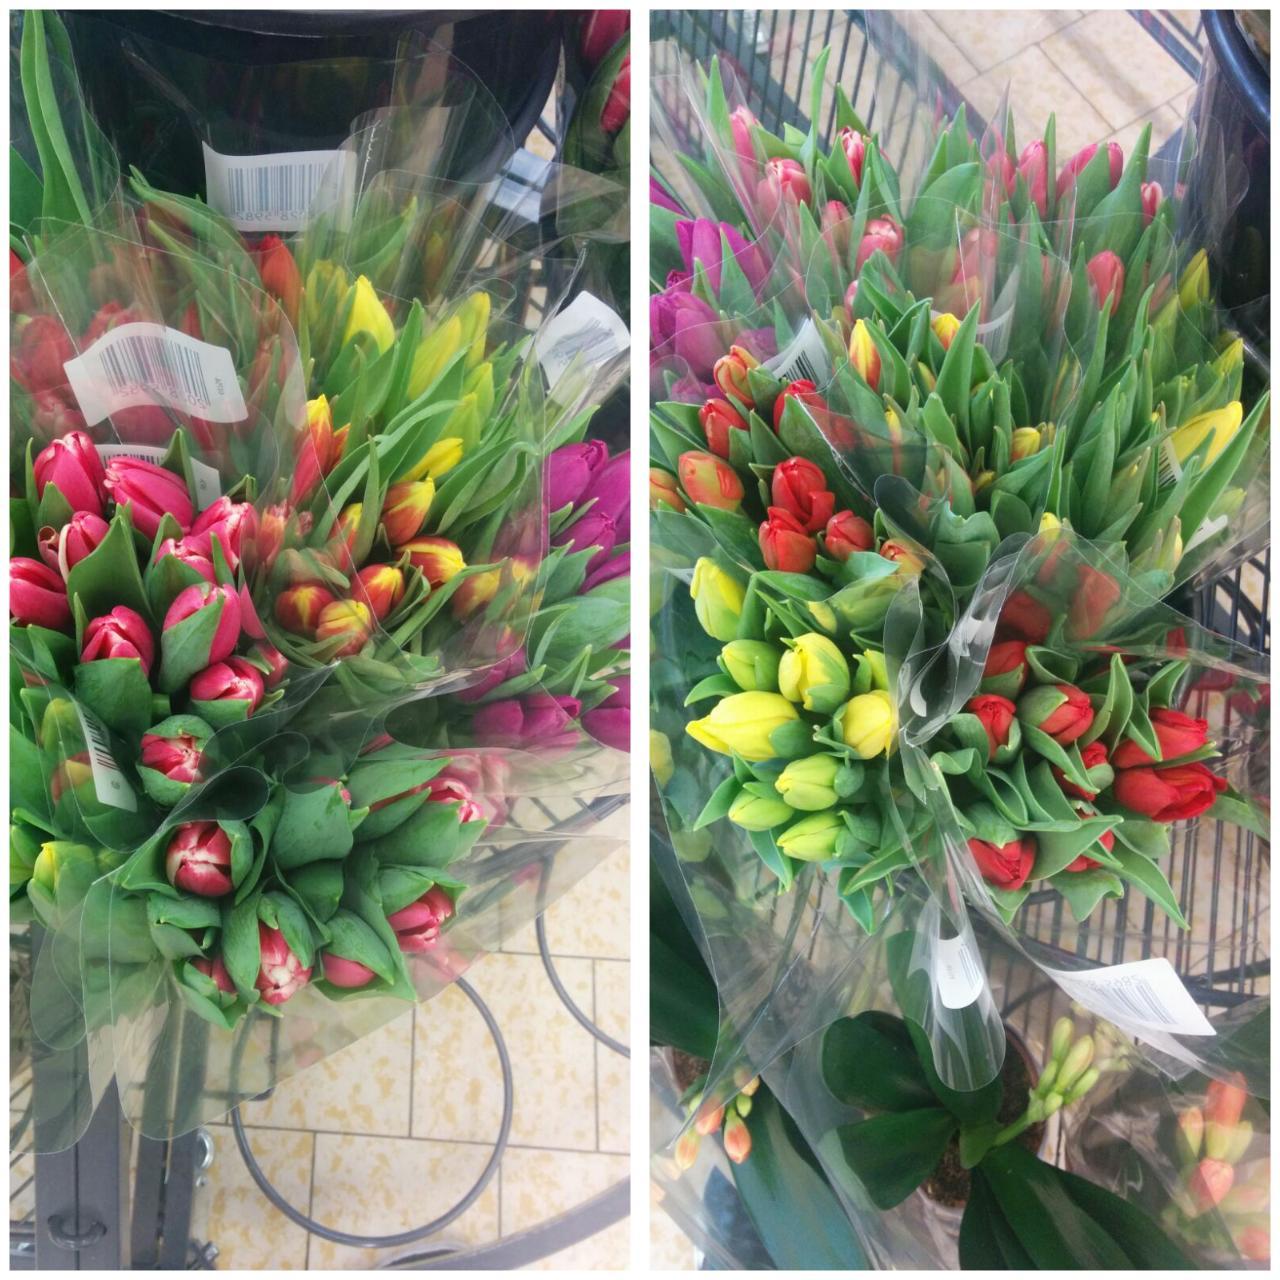 Rok 2017 u nás a po našem.... - Syn mi na nákupu vyfotil dnešní nabídku tulipánů,jedny hezčí než druhý...objednala jsem si růžový,ty jsem ještě neměla..